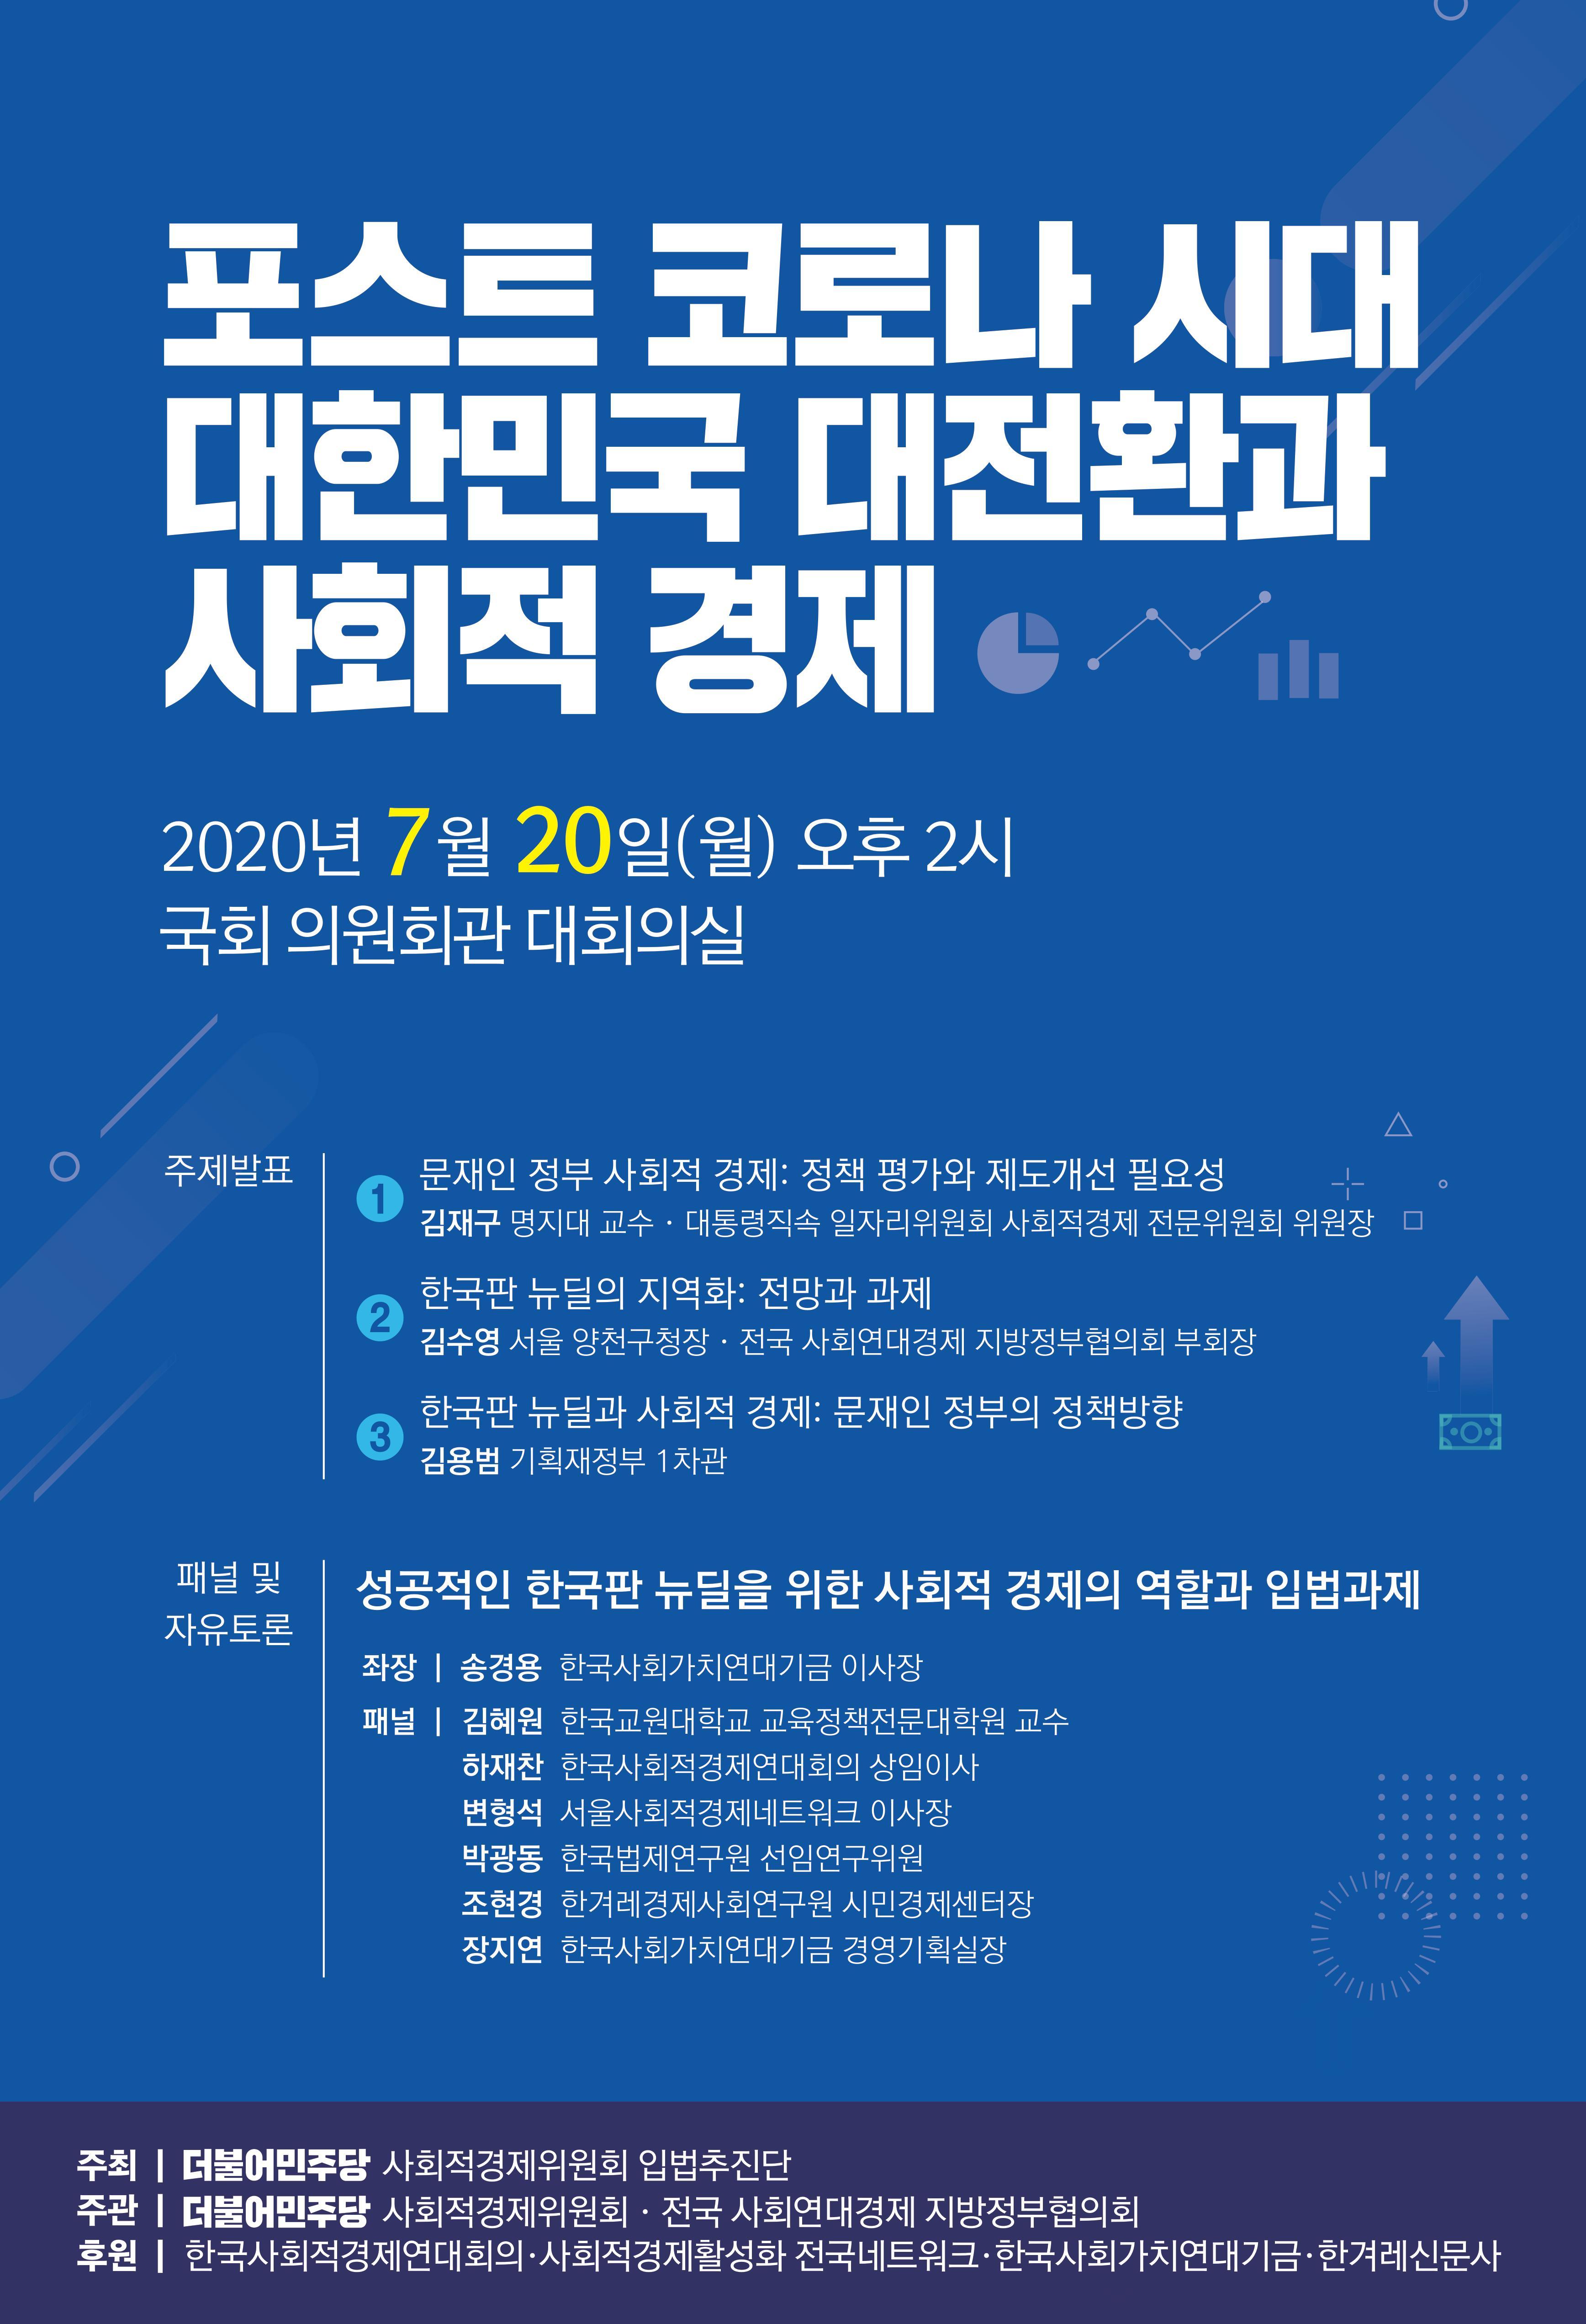 지방정부협의회_포스트코로나_정책토론회_웹포스터.jpg